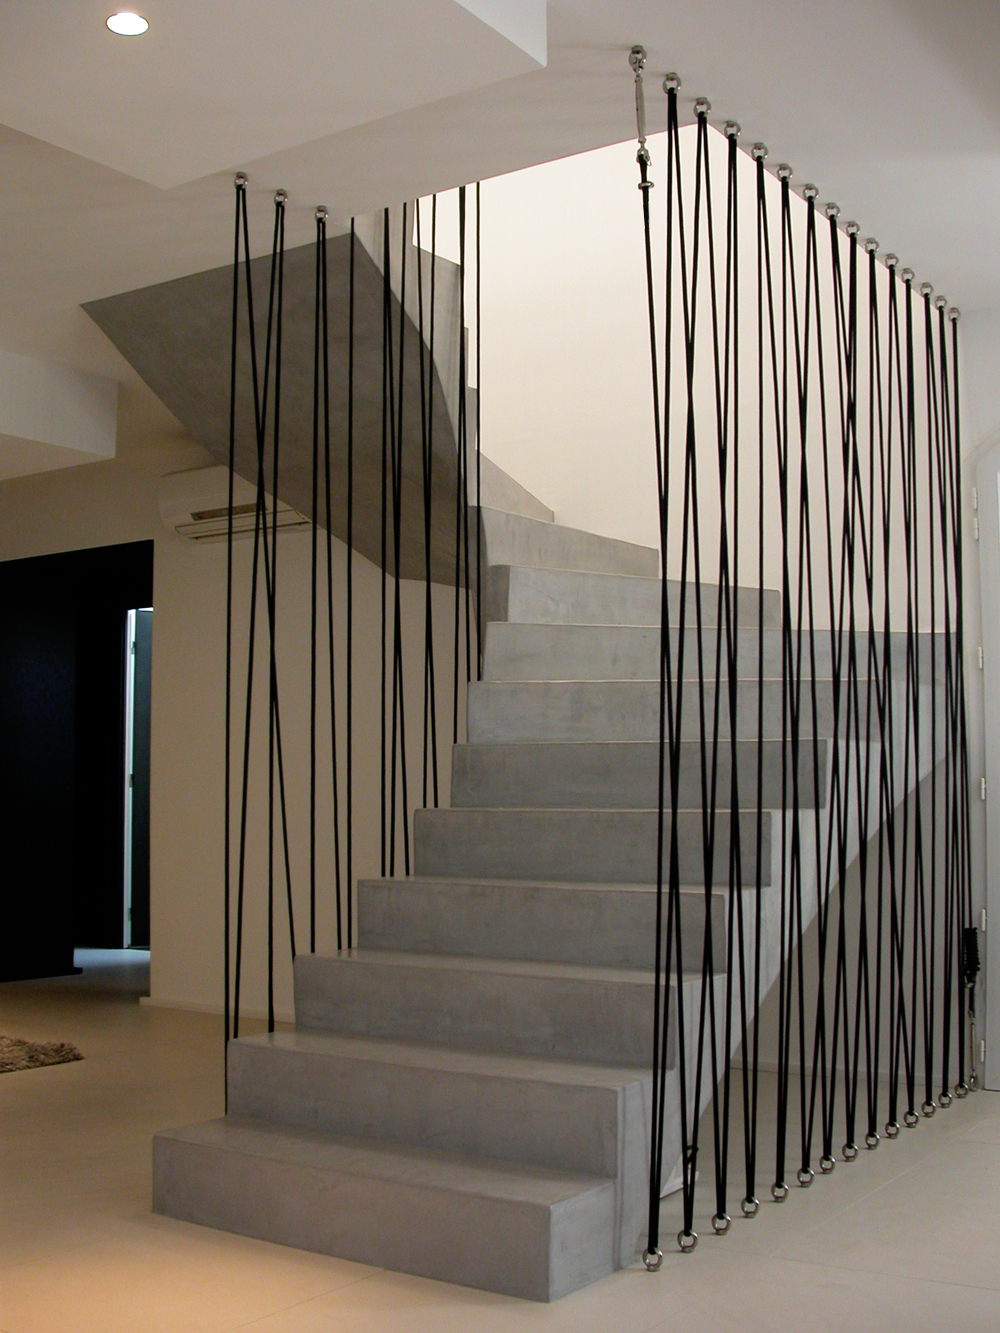 Натяжные перила для лестницы